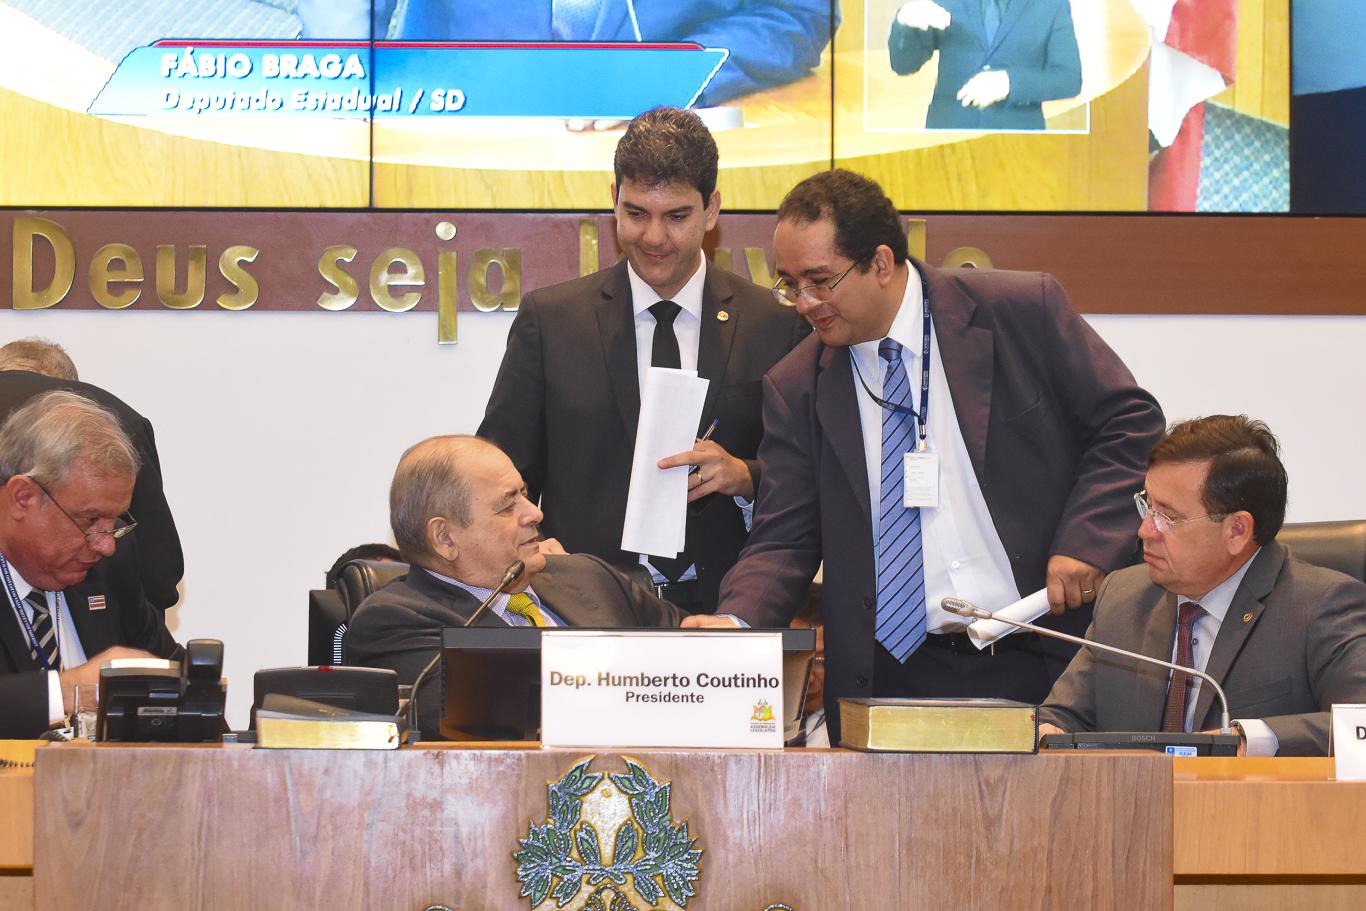 O presidente Humberto Coutinho, observado pelo relator Eduardo braide, é cumprimentado pelo promotor ?????